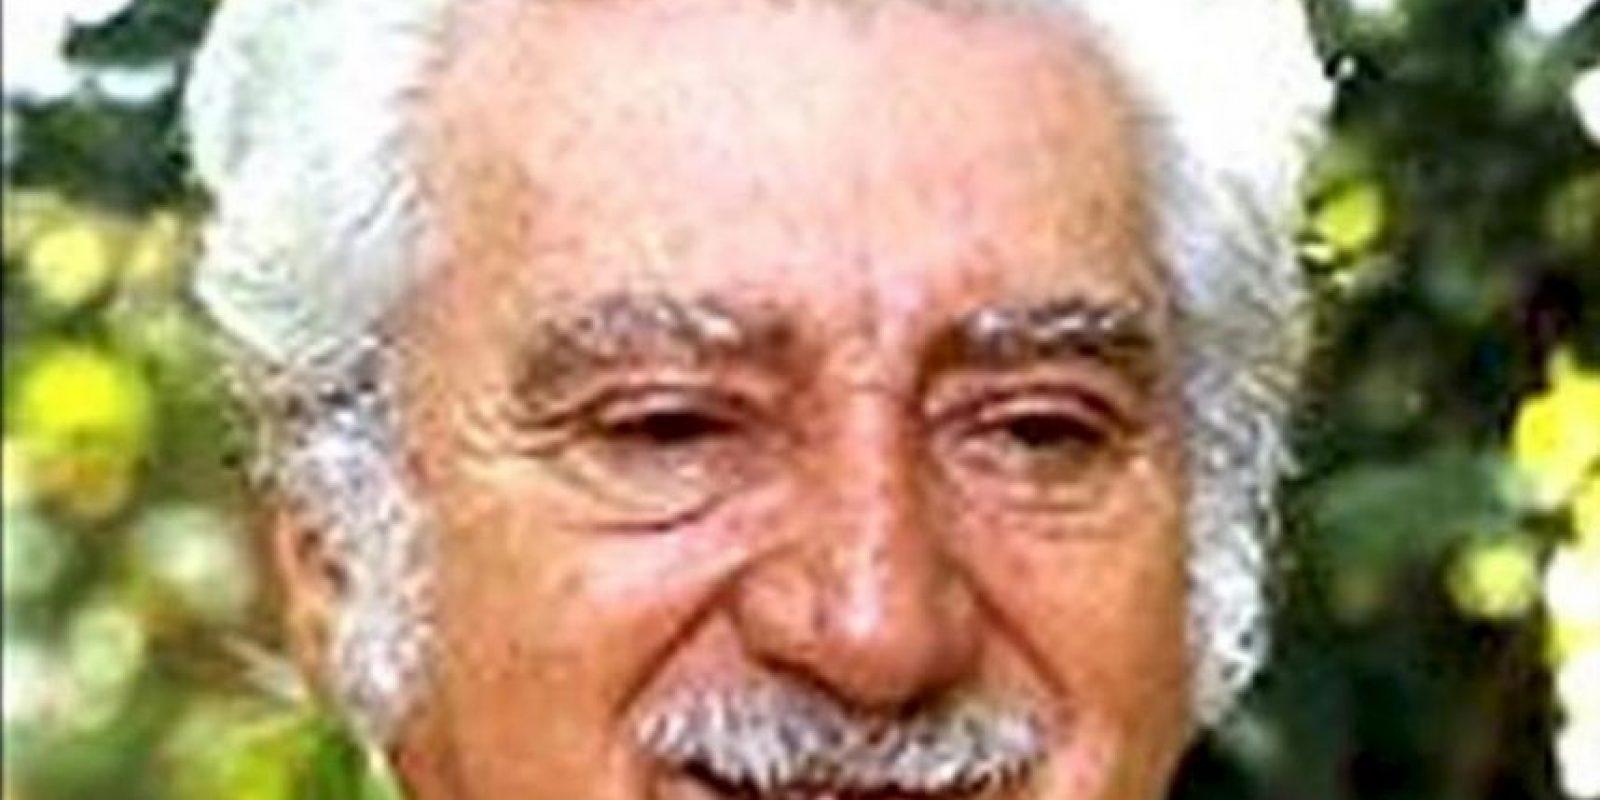 Fotografía de archivo sin fecha en la que se registró al escritor brasileño Jorge Amado, a quien una exposición le rinde homenaje en el centenario de su natalicio. EFE/Archivo